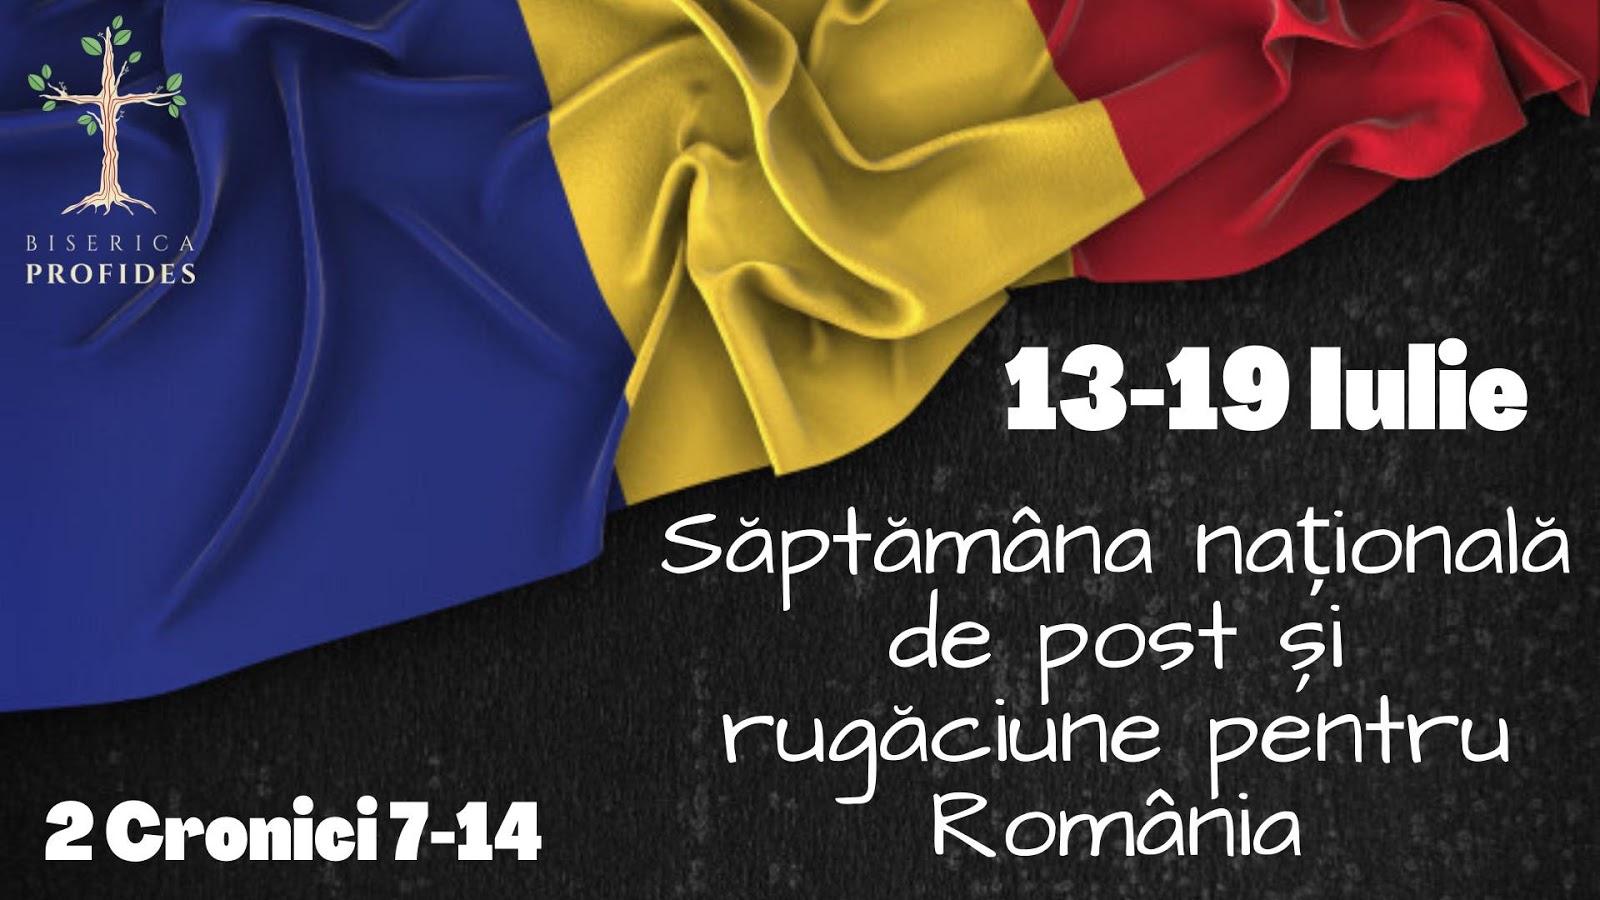 Declarăm săptămână de post și rugăciune pentru România